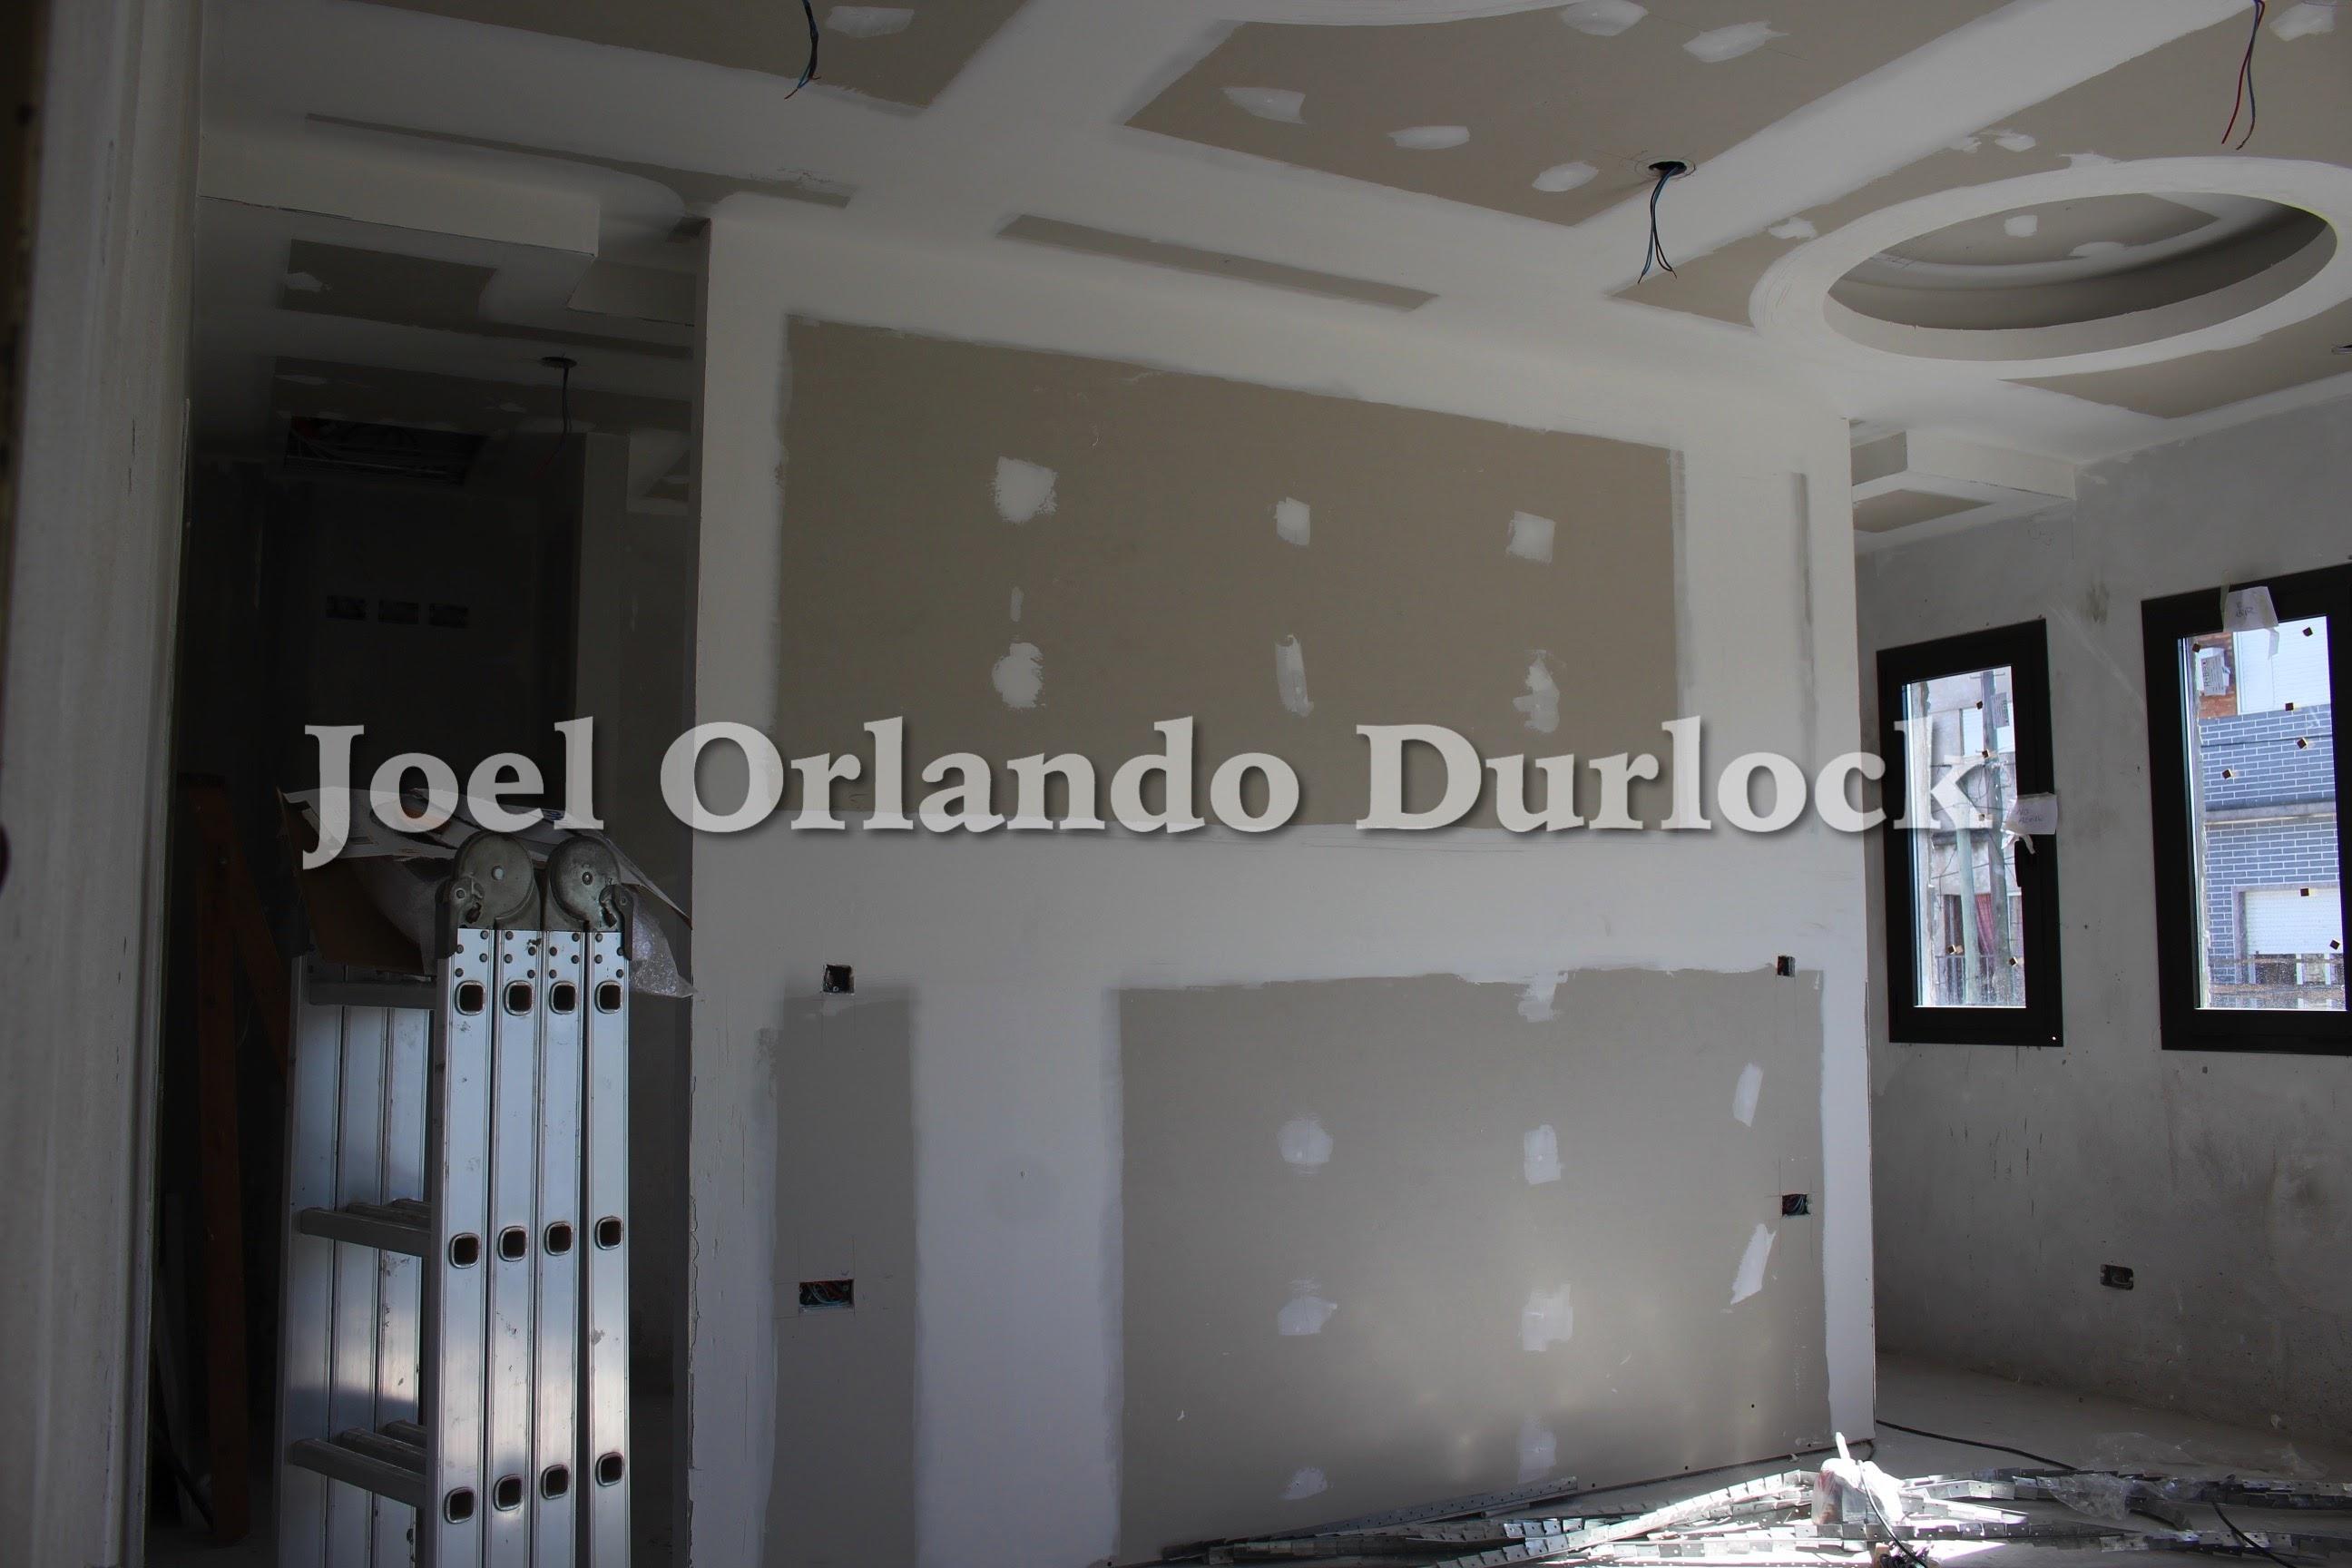 Durlock Joel Orlando Direcci N Y Tel Fono De Durlock Joel Orlando # Muebles Durlock Paso A Paso